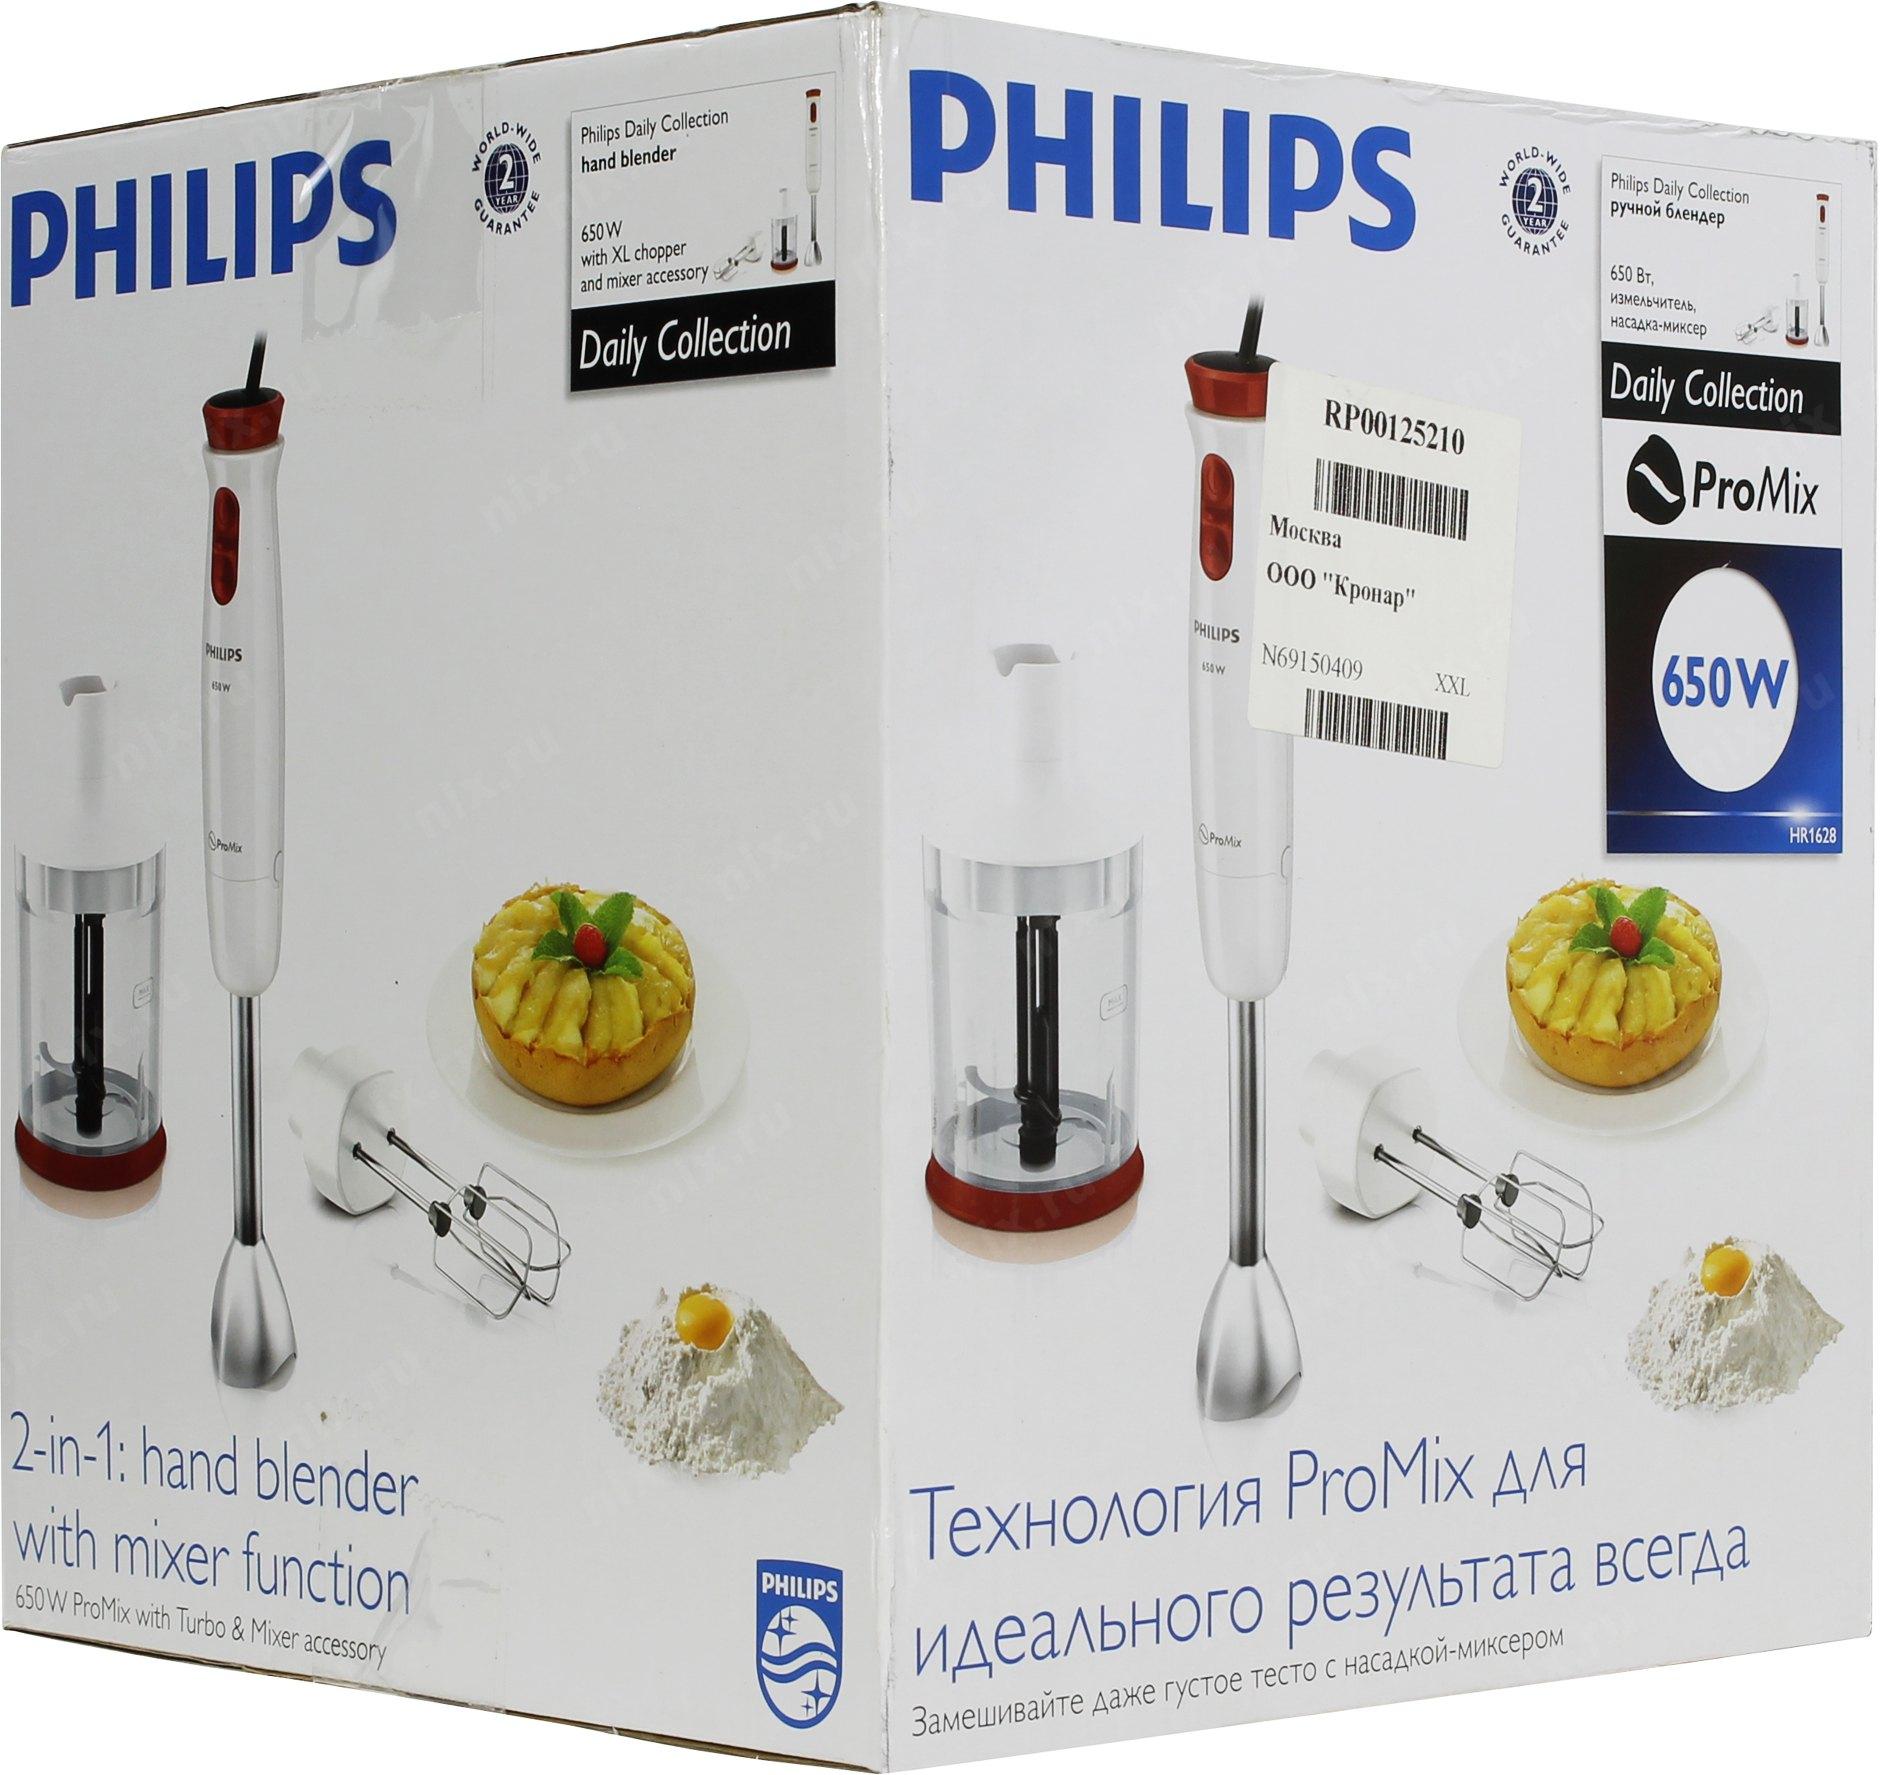 погружной блендер Philips Daily Collection Hr1628 купить цена и